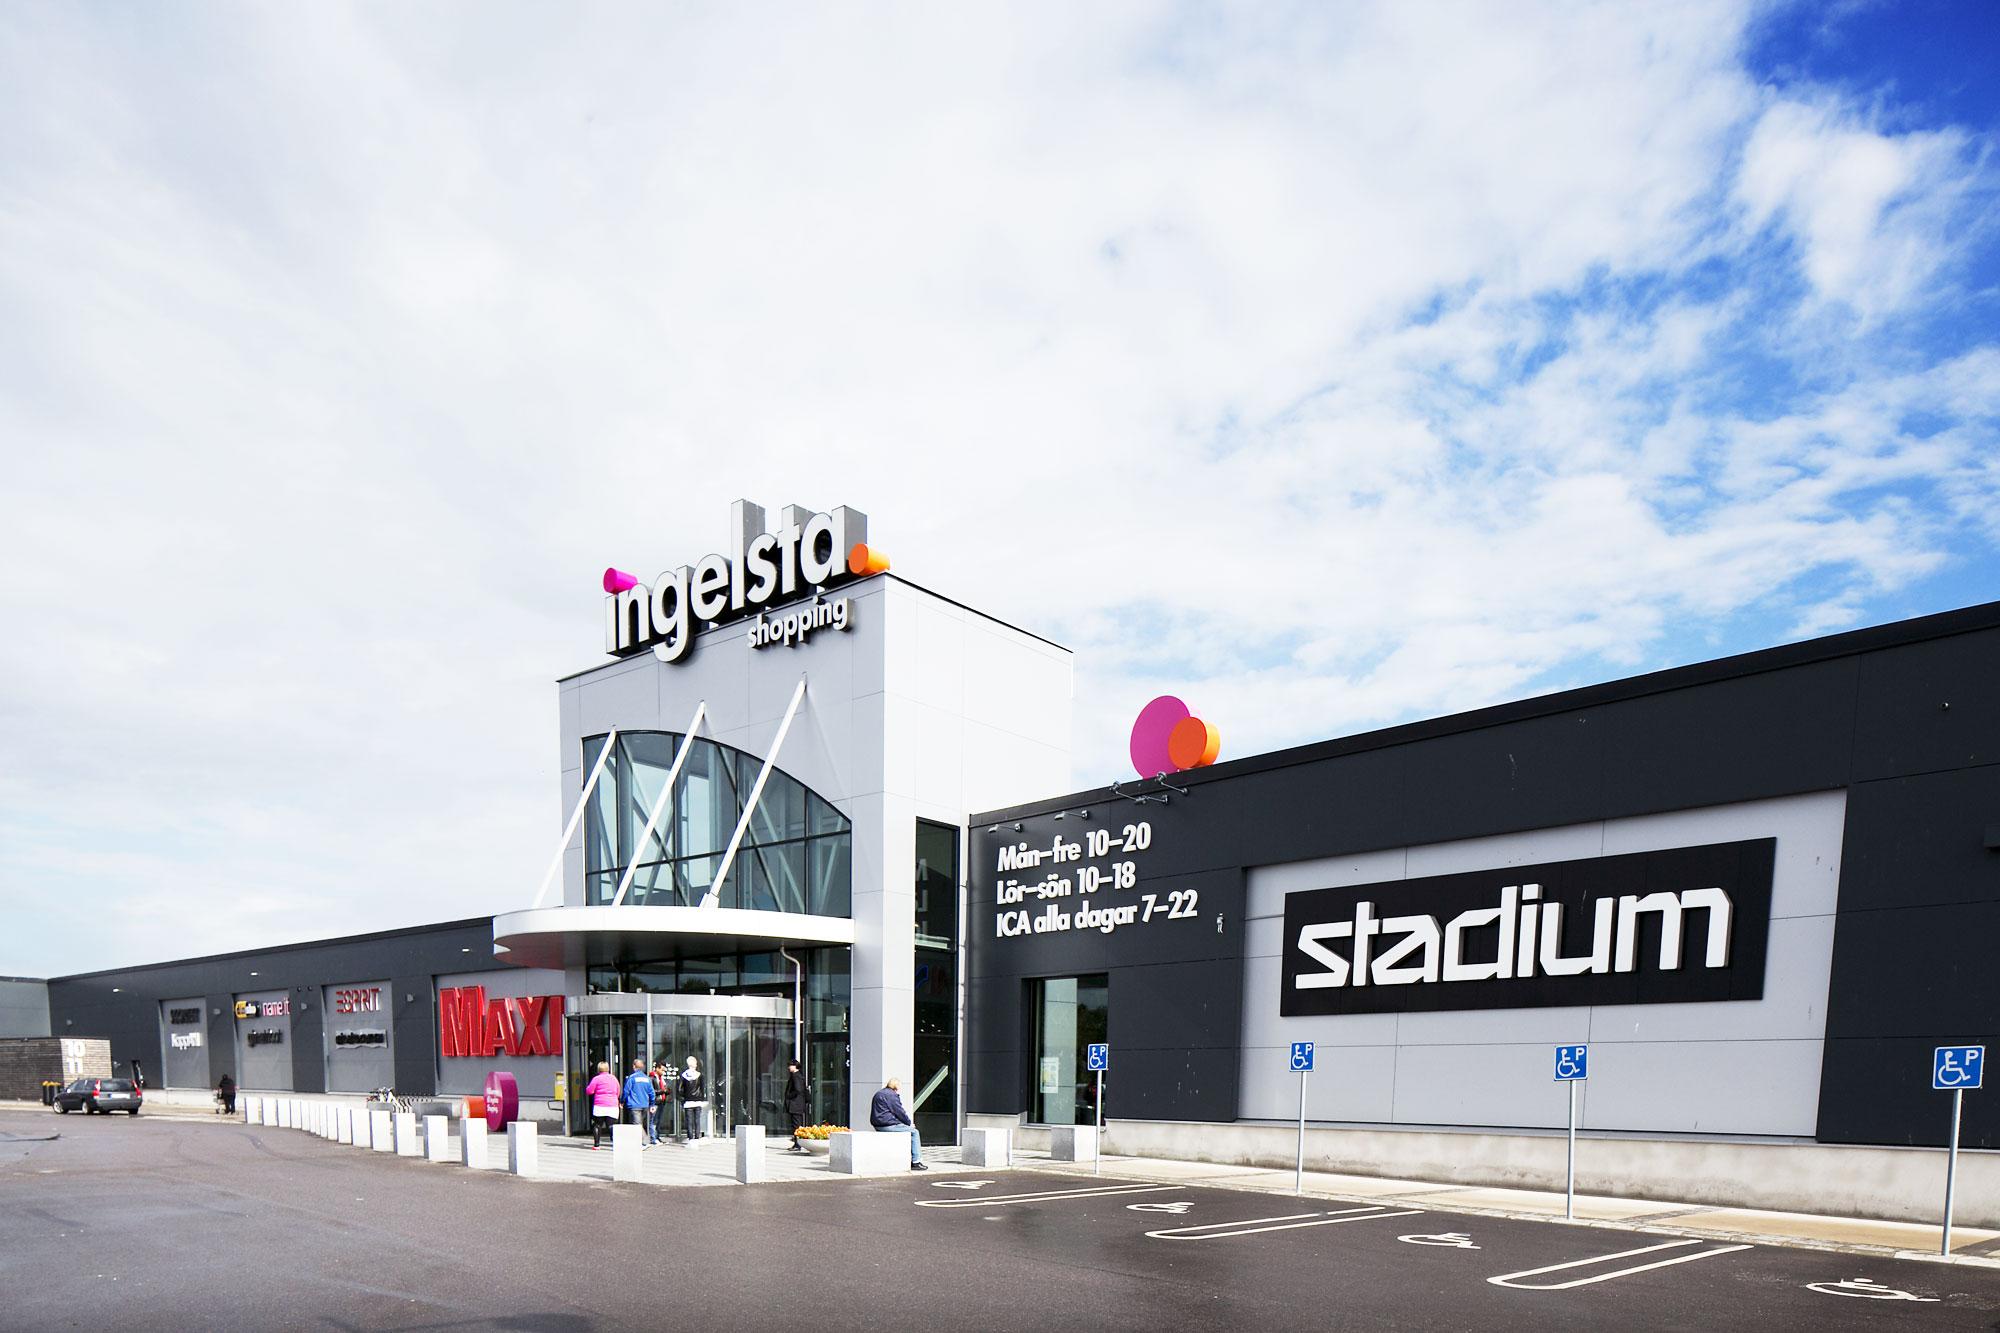 ingelstad shopping norrköping öppettider